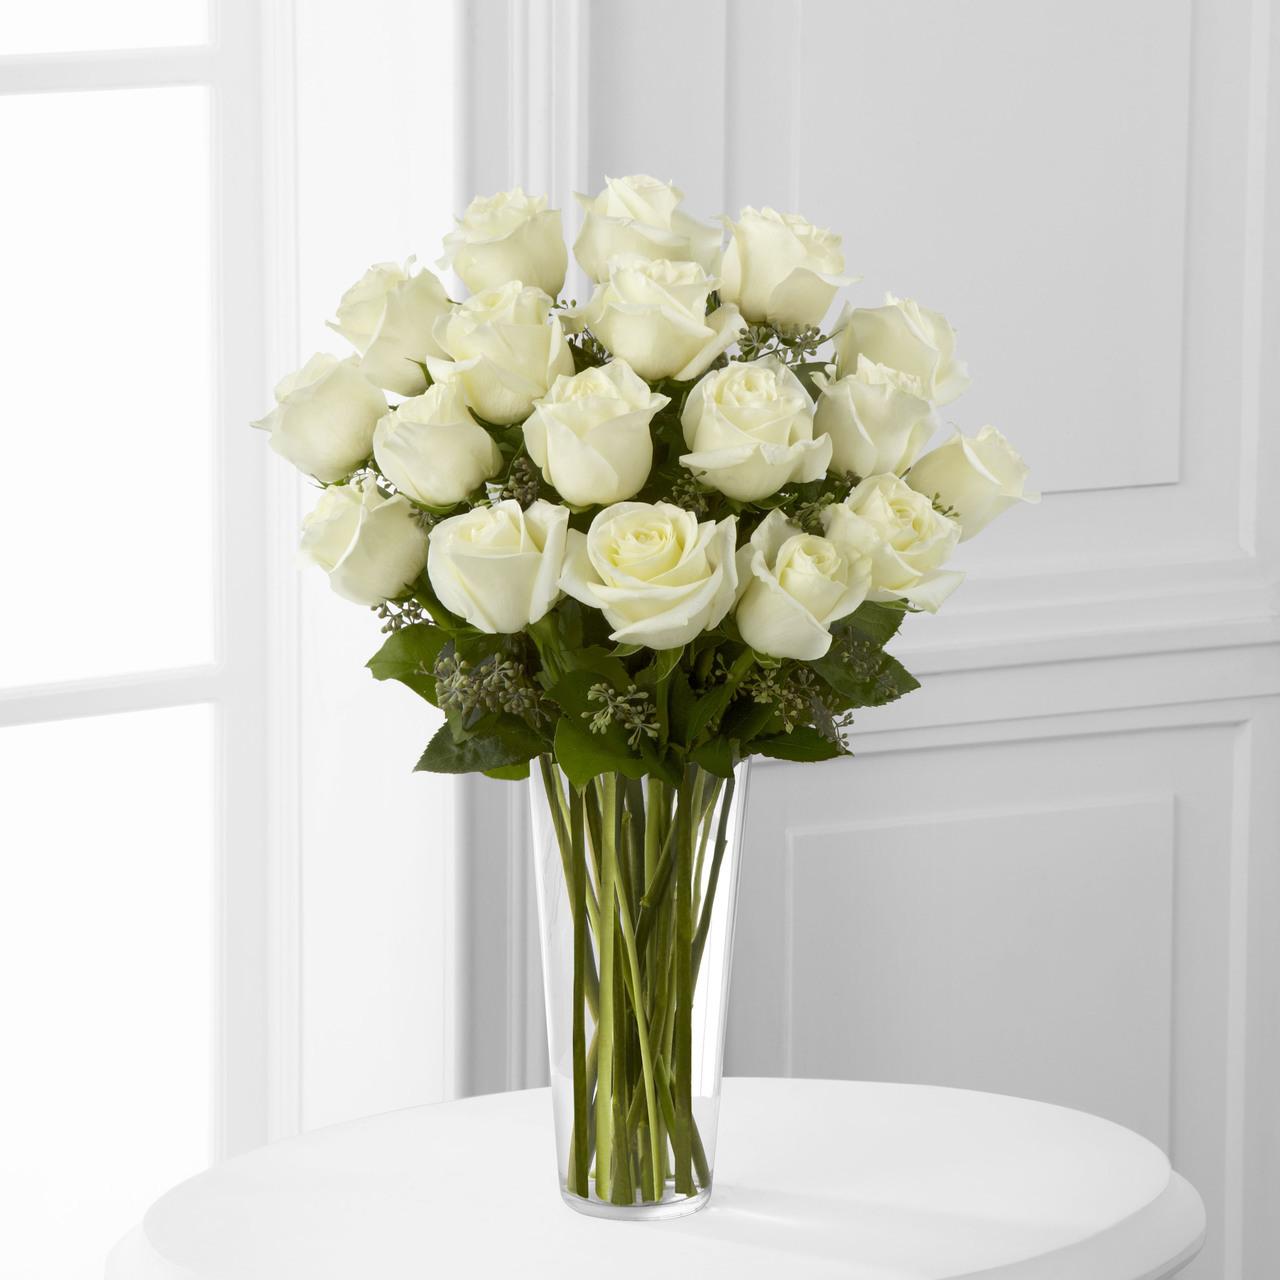 Lọ hoa hồng trắng cực kỳ xinh đẹp